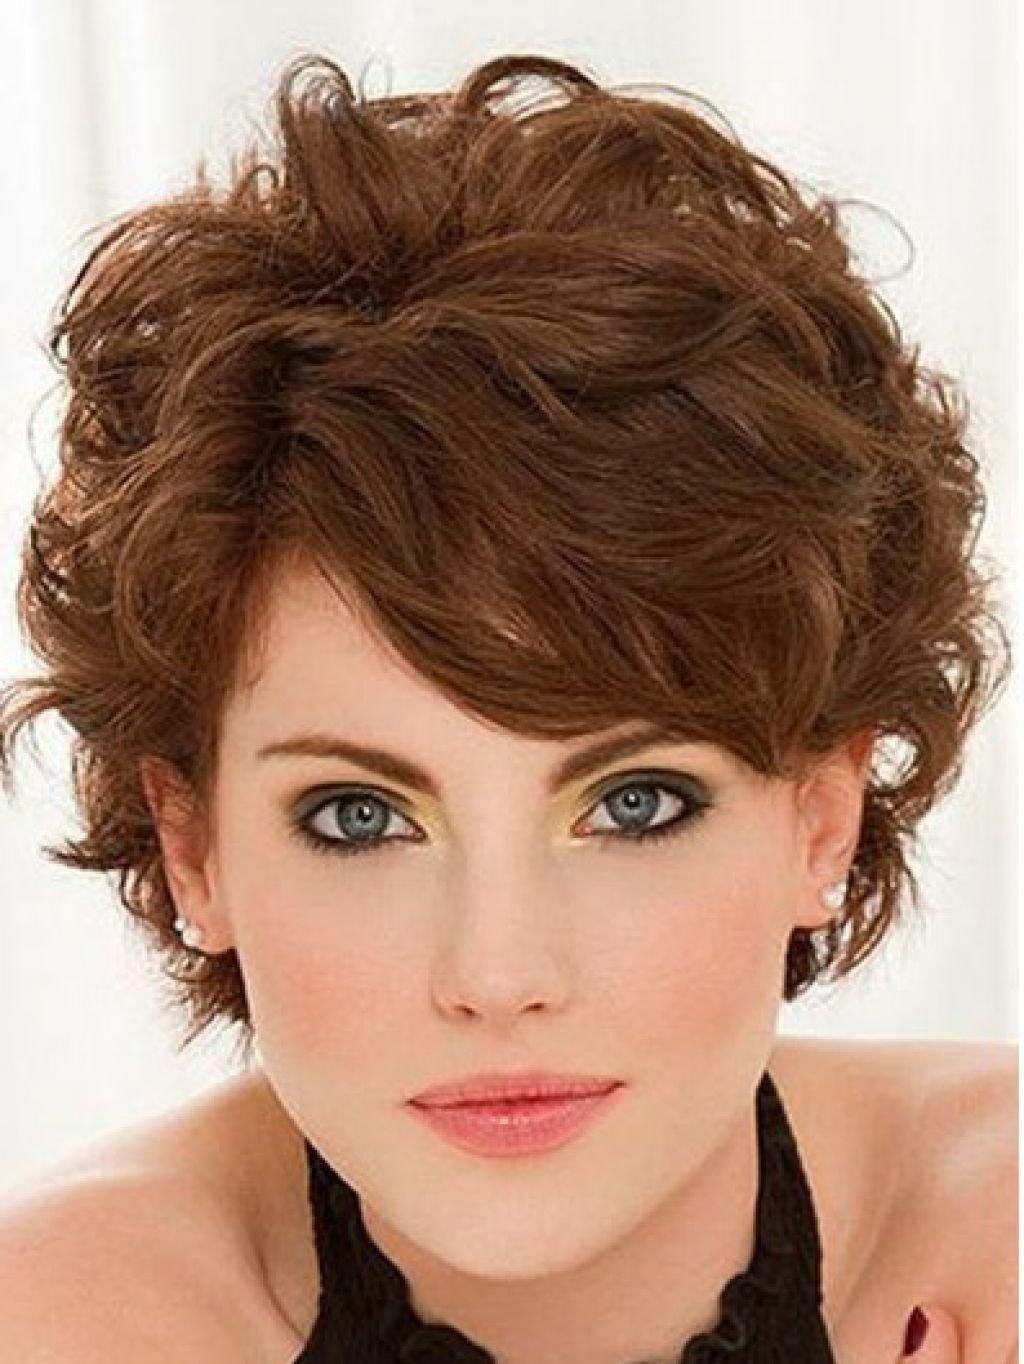 Причёски на густые короткие волосы для женщин 40 лет